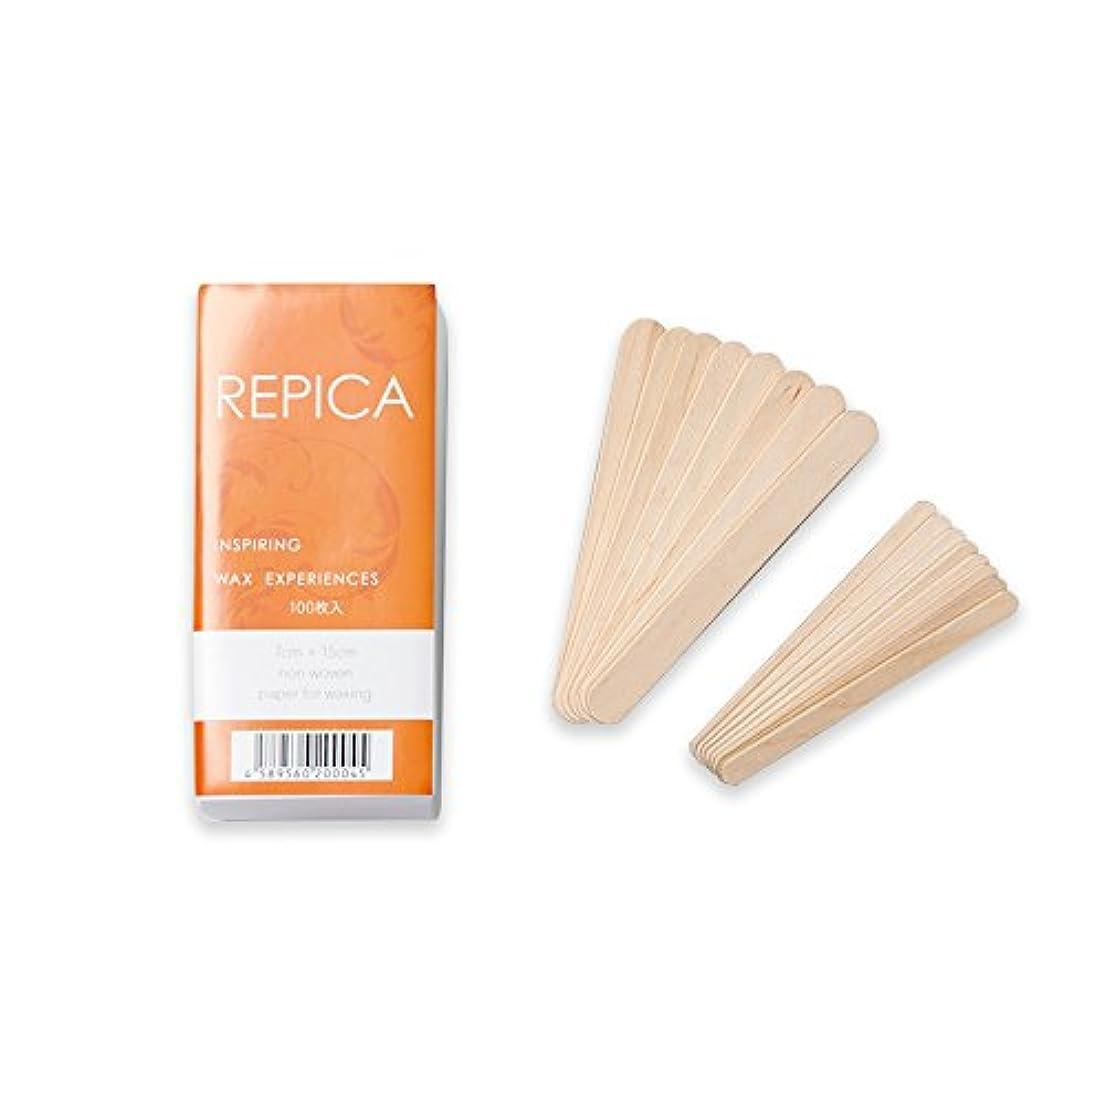 構造的呼吸するプットカットワックスペーパー(ボディ用Mサイズ)&スパチュラ大小セット (業務用 セルフ 自宅 用) ブラジリアンワックス ワックス脱毛 専用セット